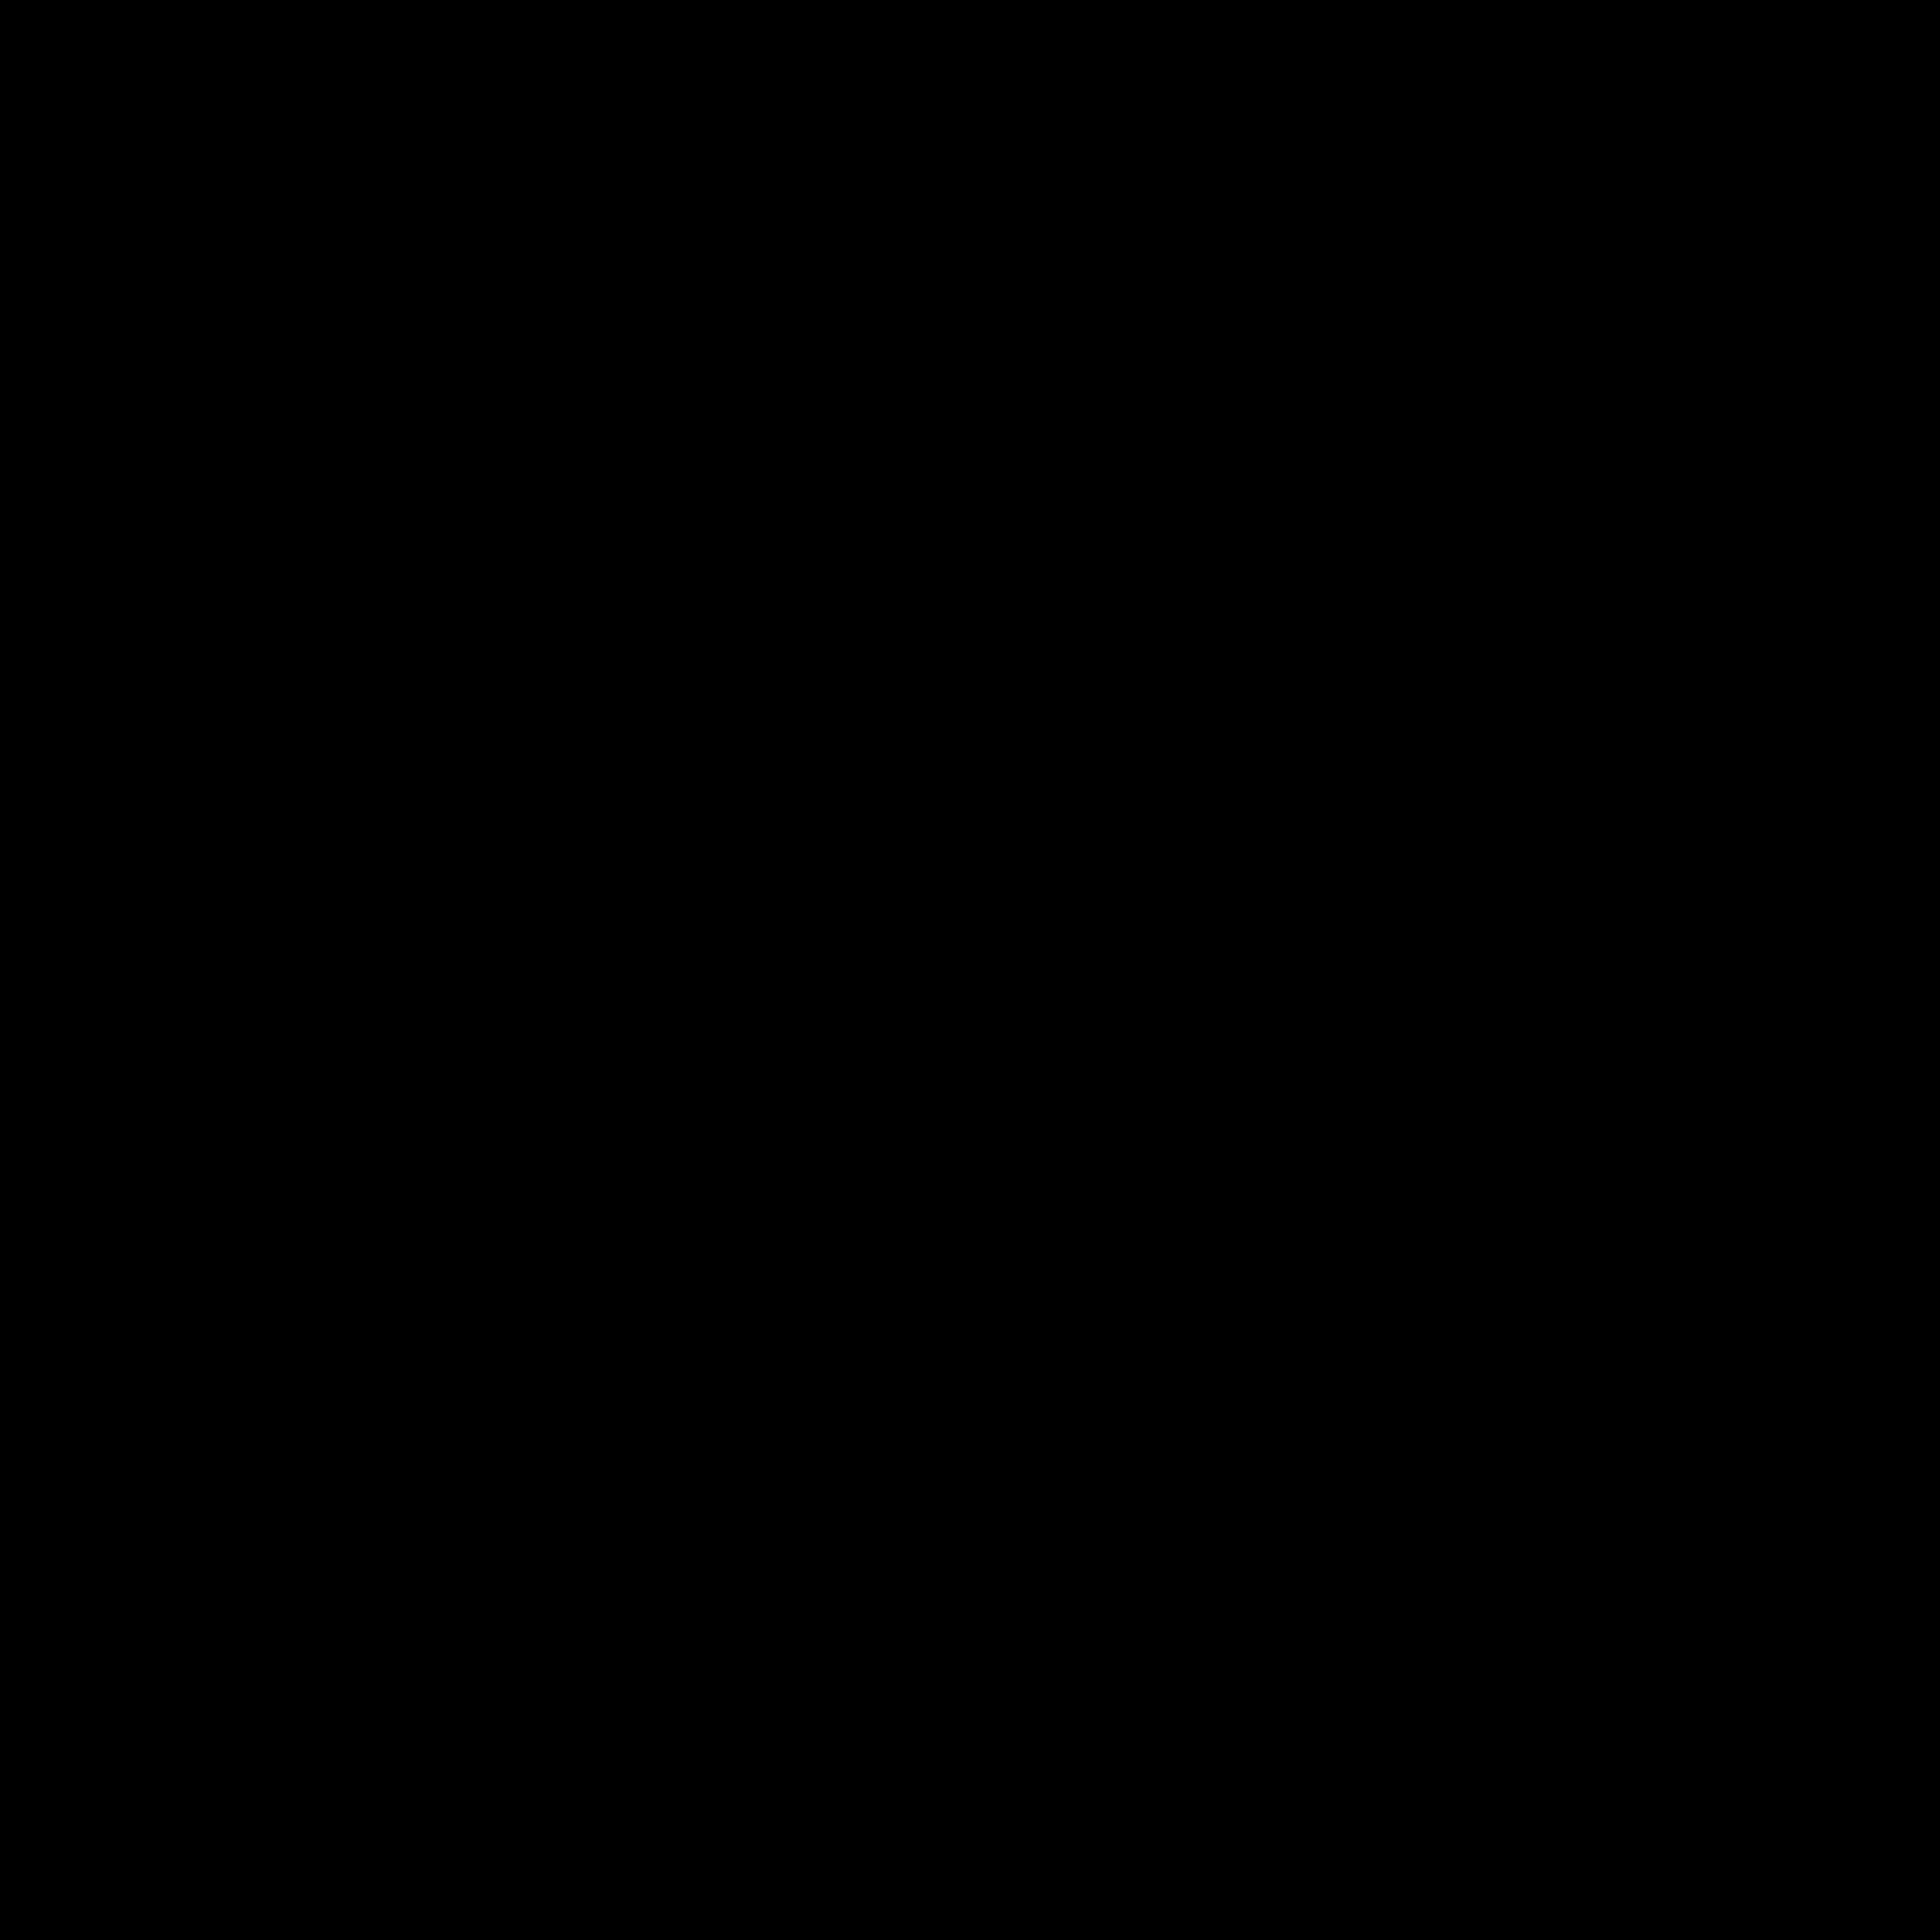 web-site-concert-poster-jpeg-e1548627744196.jpg